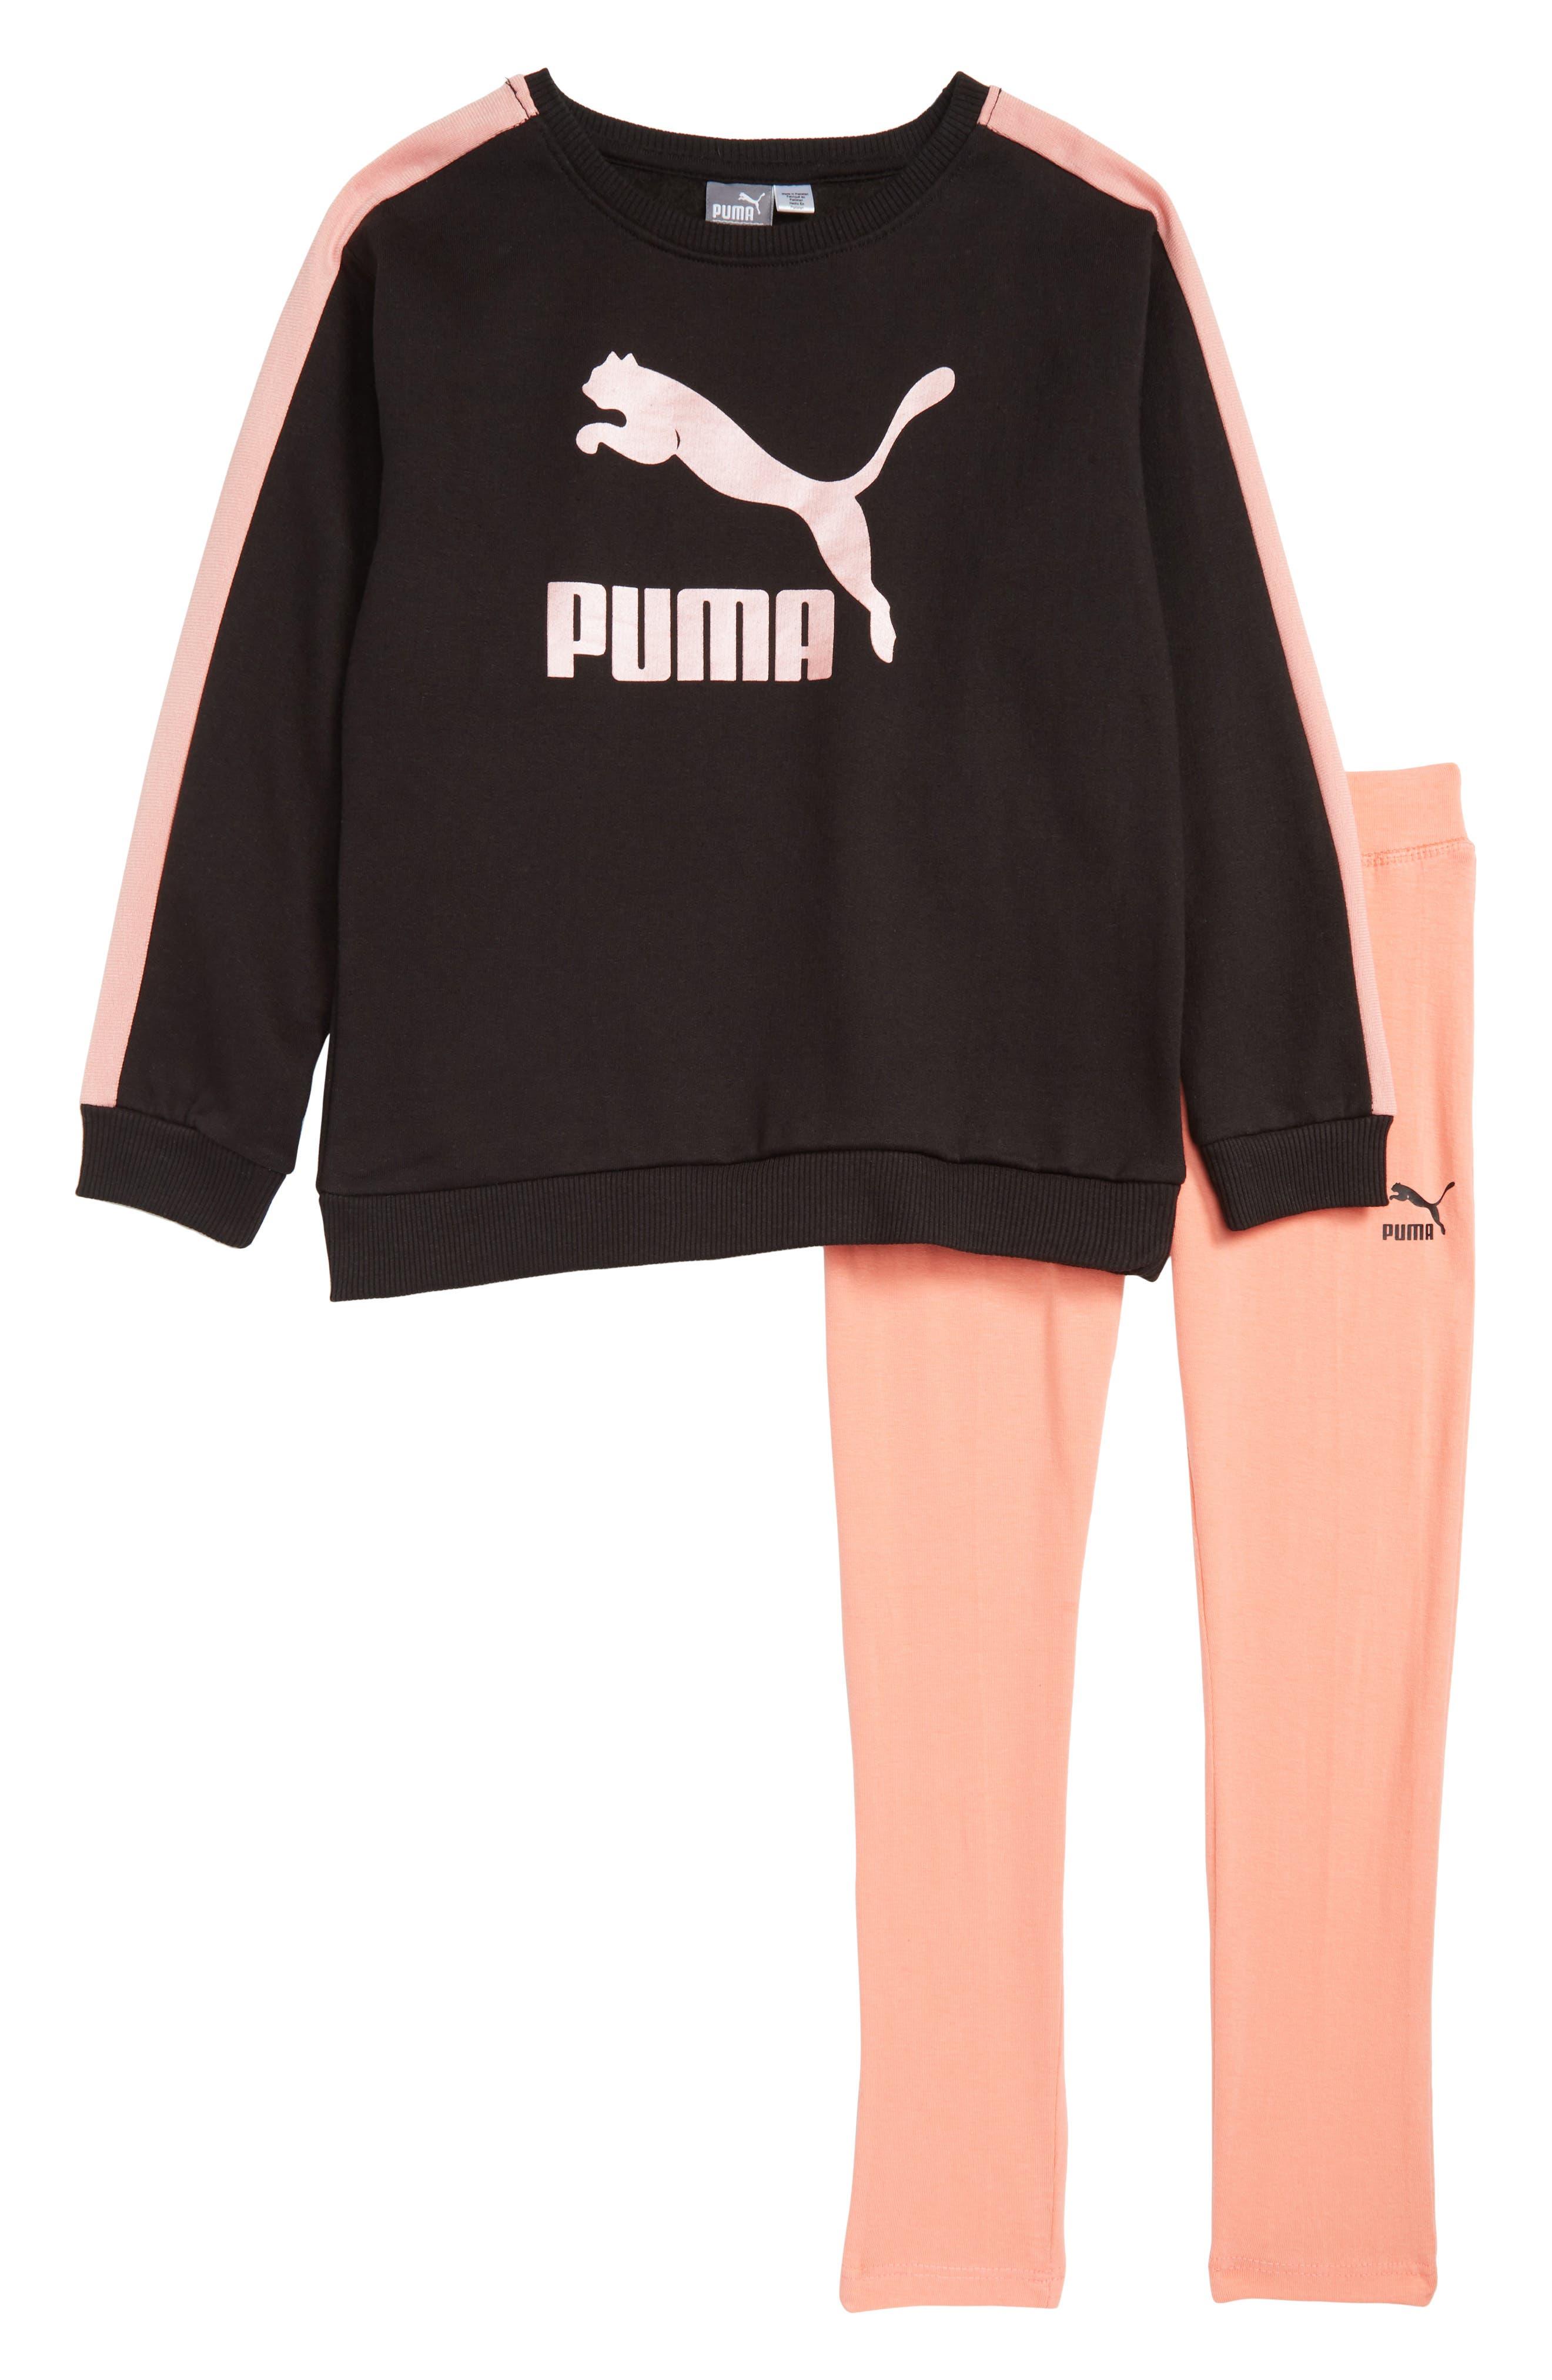 Toddler Girls Puma Logo Fleece Sweatshirt  Leggings Set